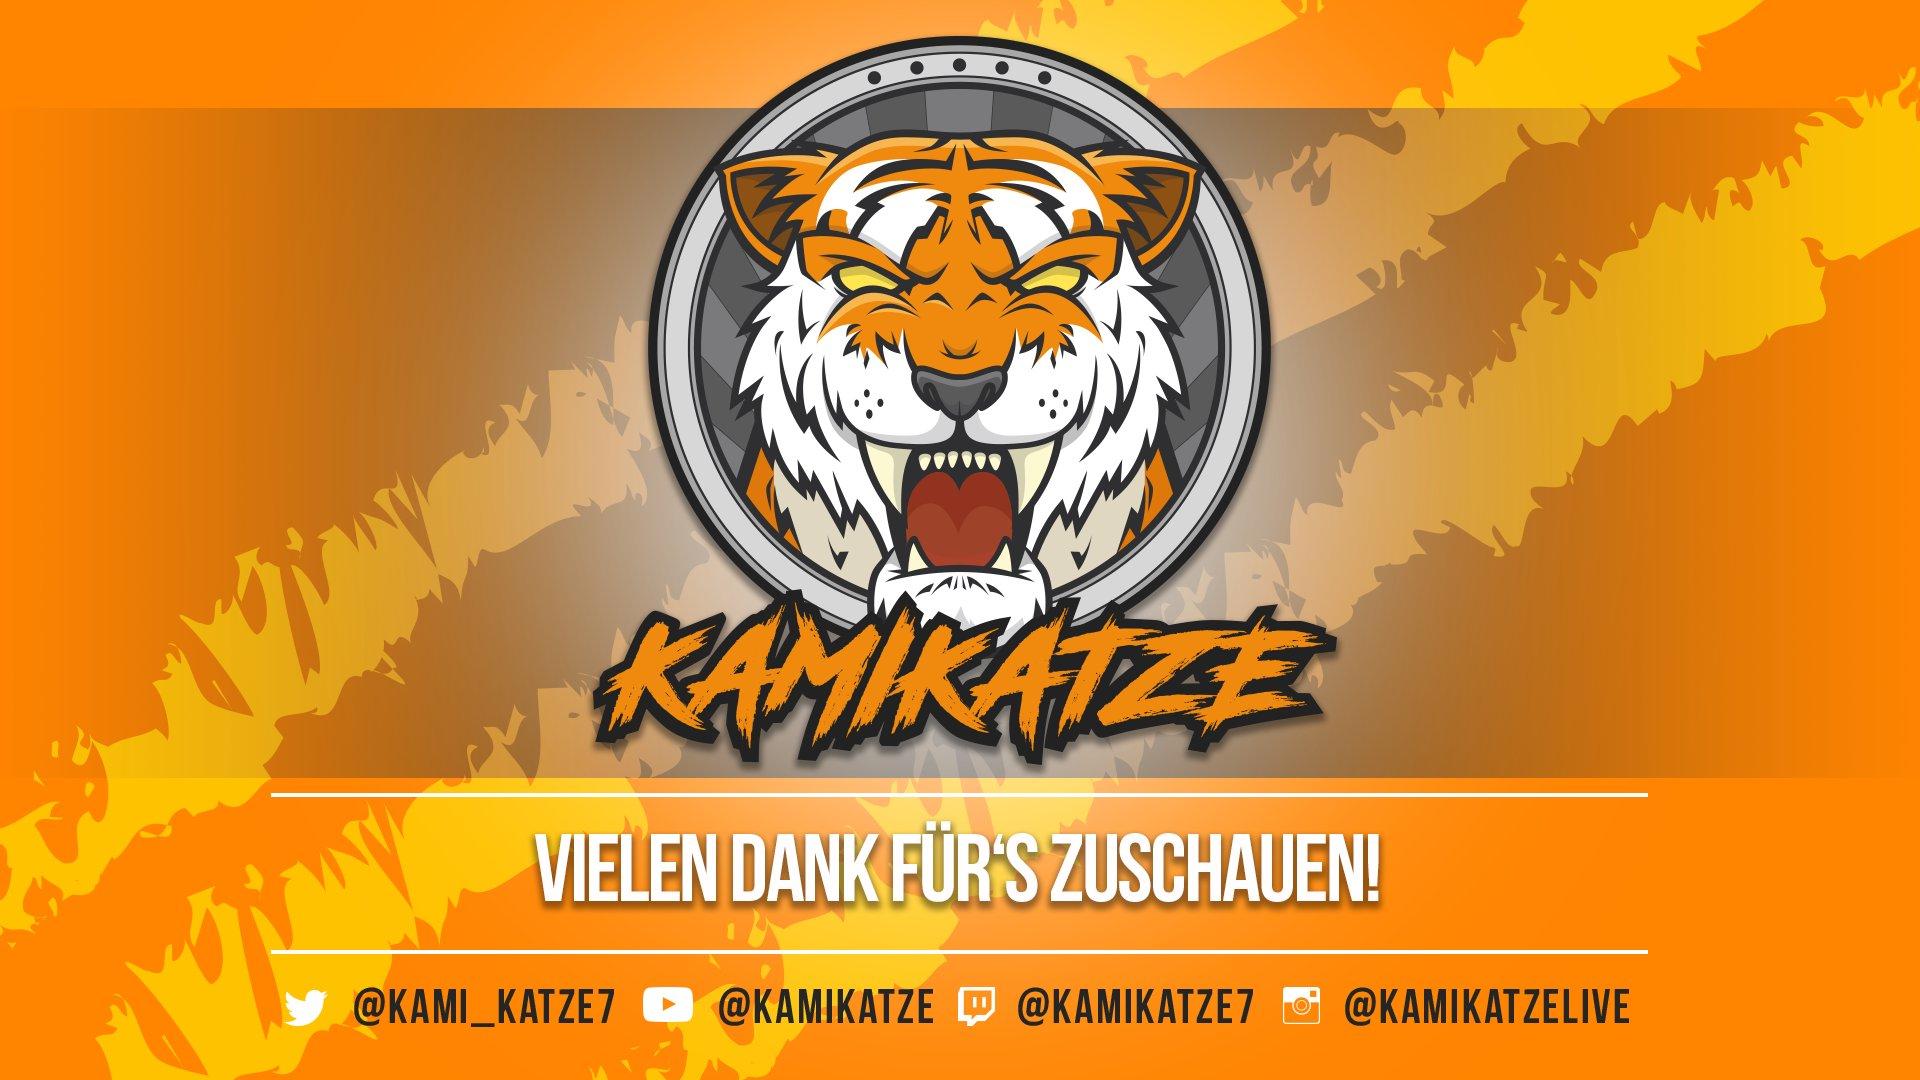 Twitch stream of Kamikatze